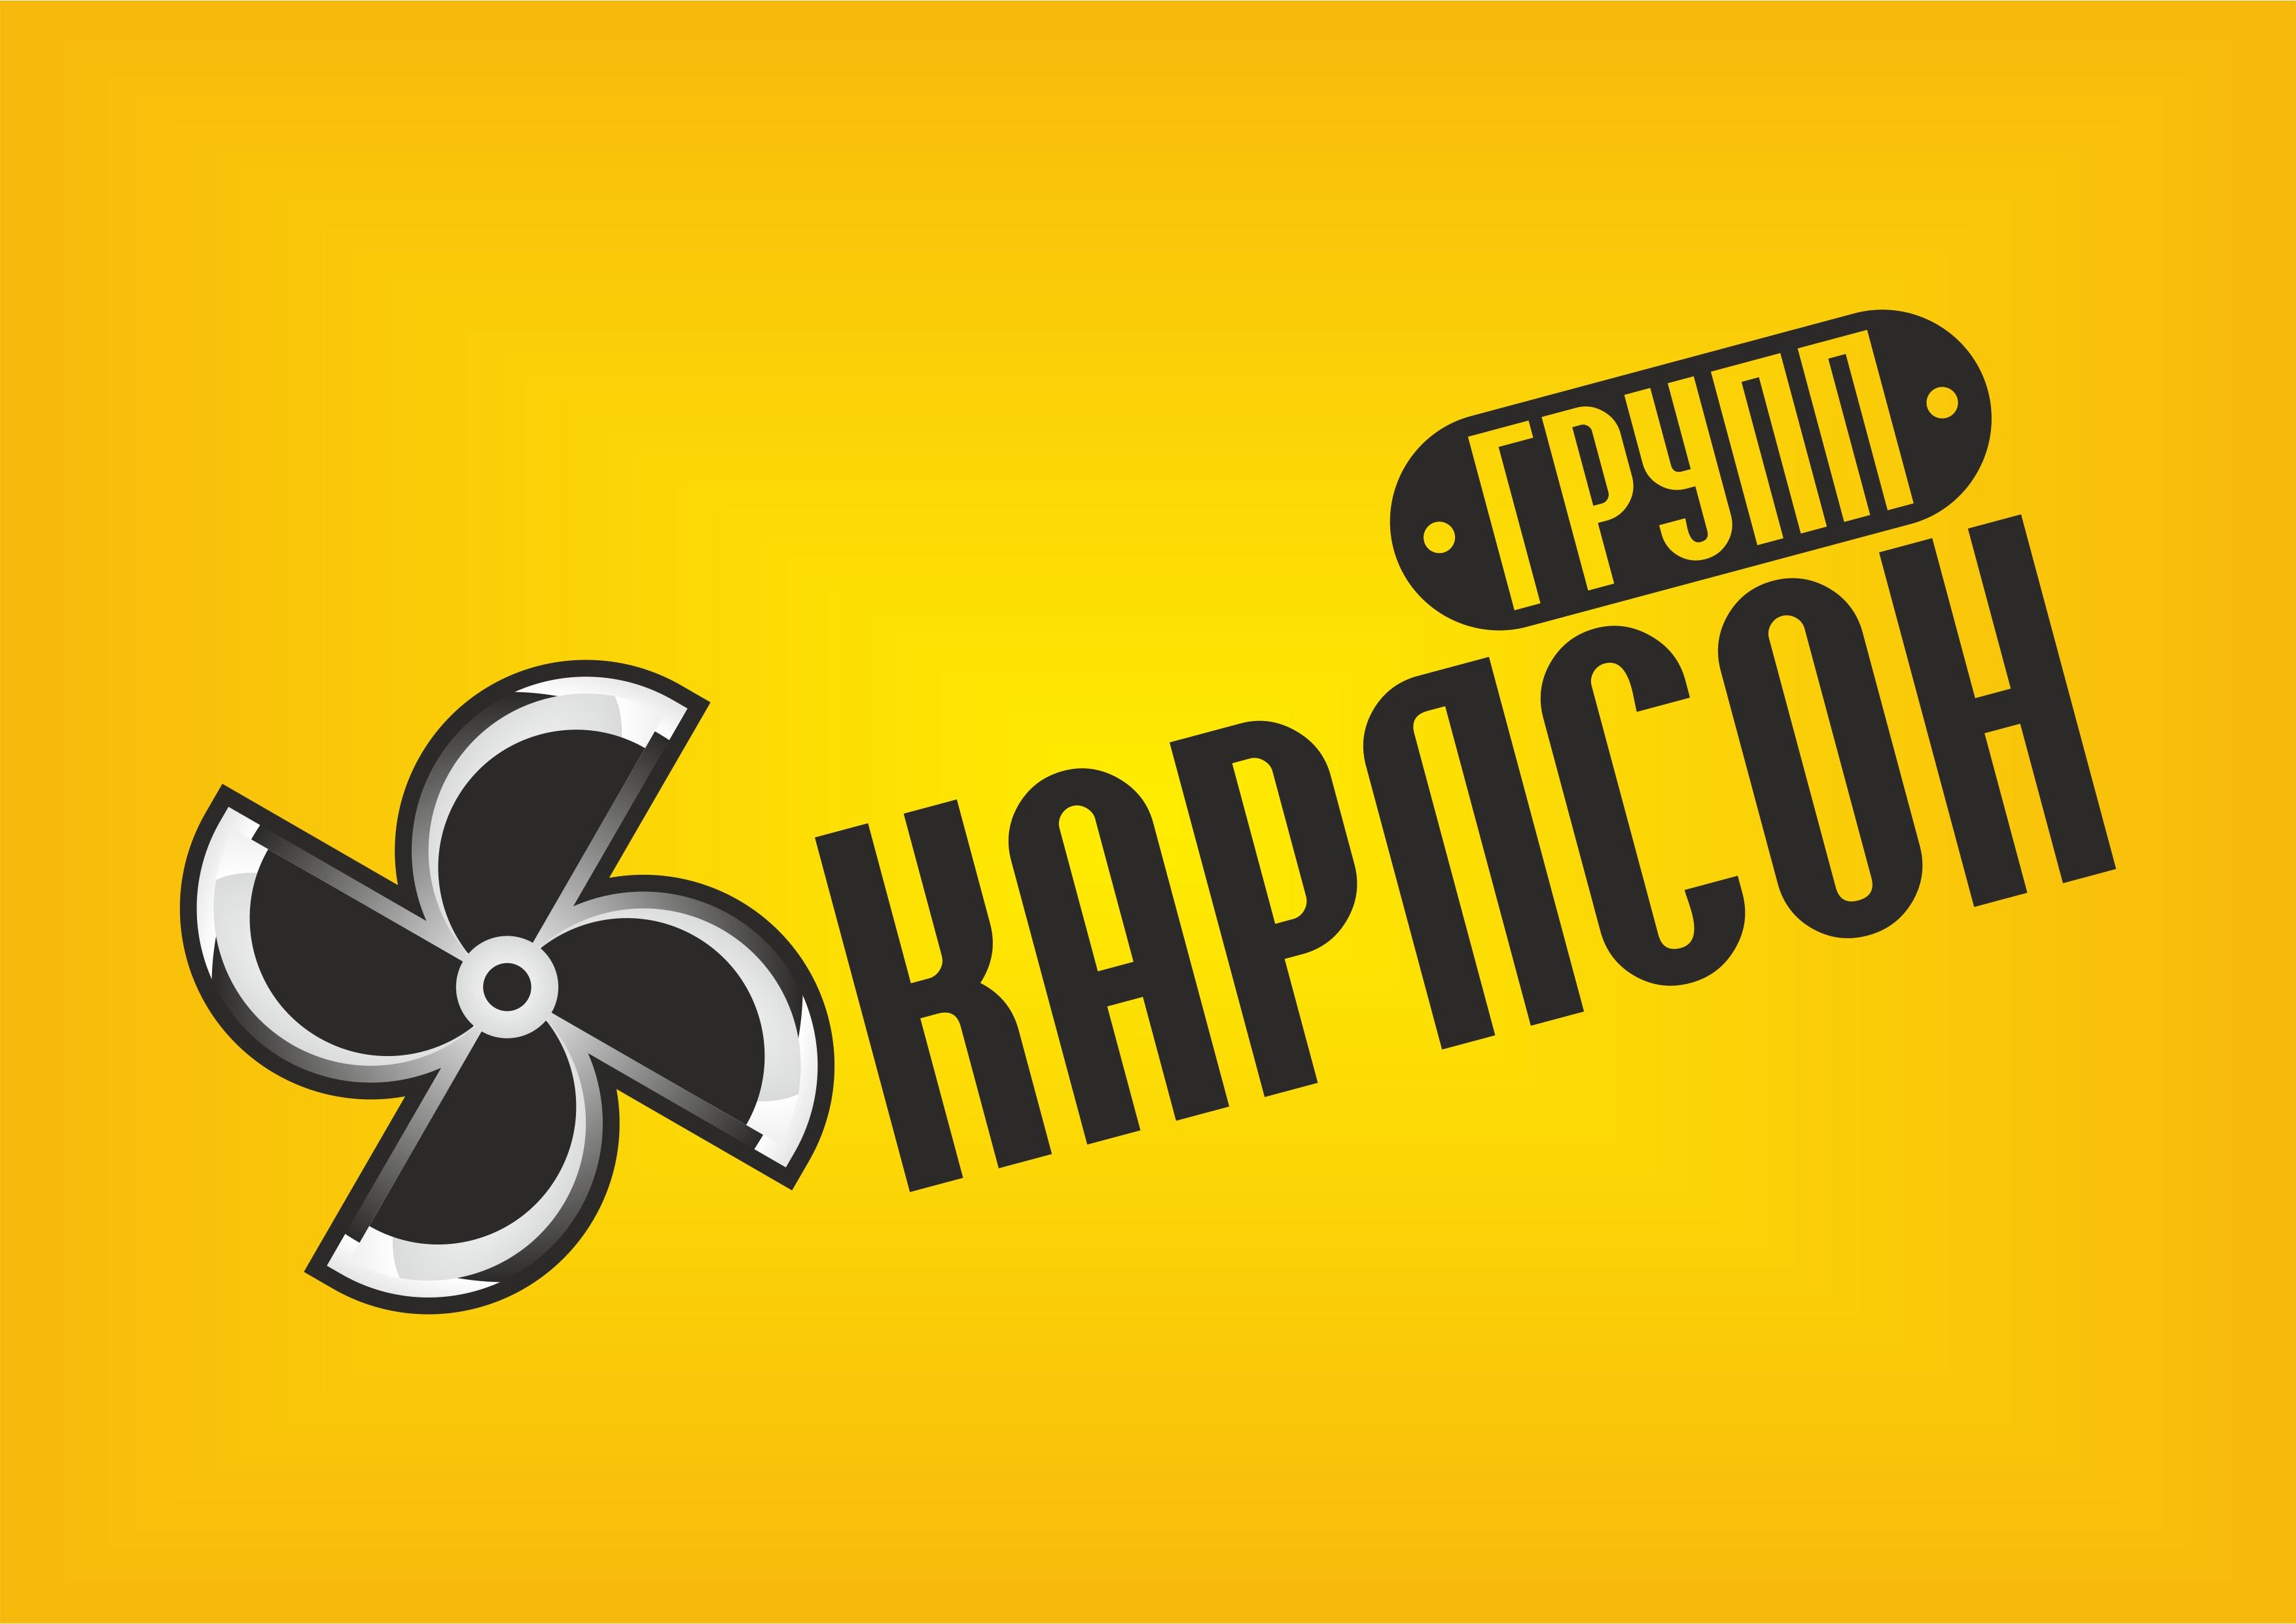 Придумать классный логотип фото f_6445986e4b4dad84.jpg